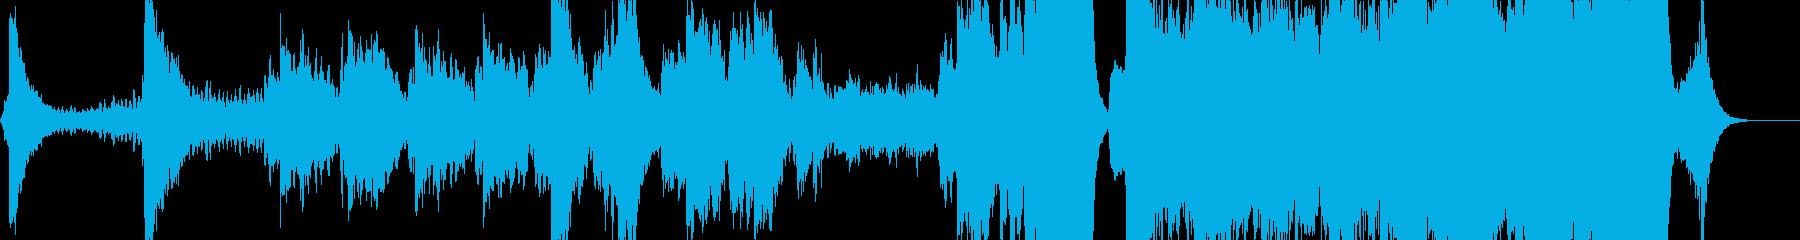 【ベース無し】エピック・オーケ…重厚感の再生済みの波形